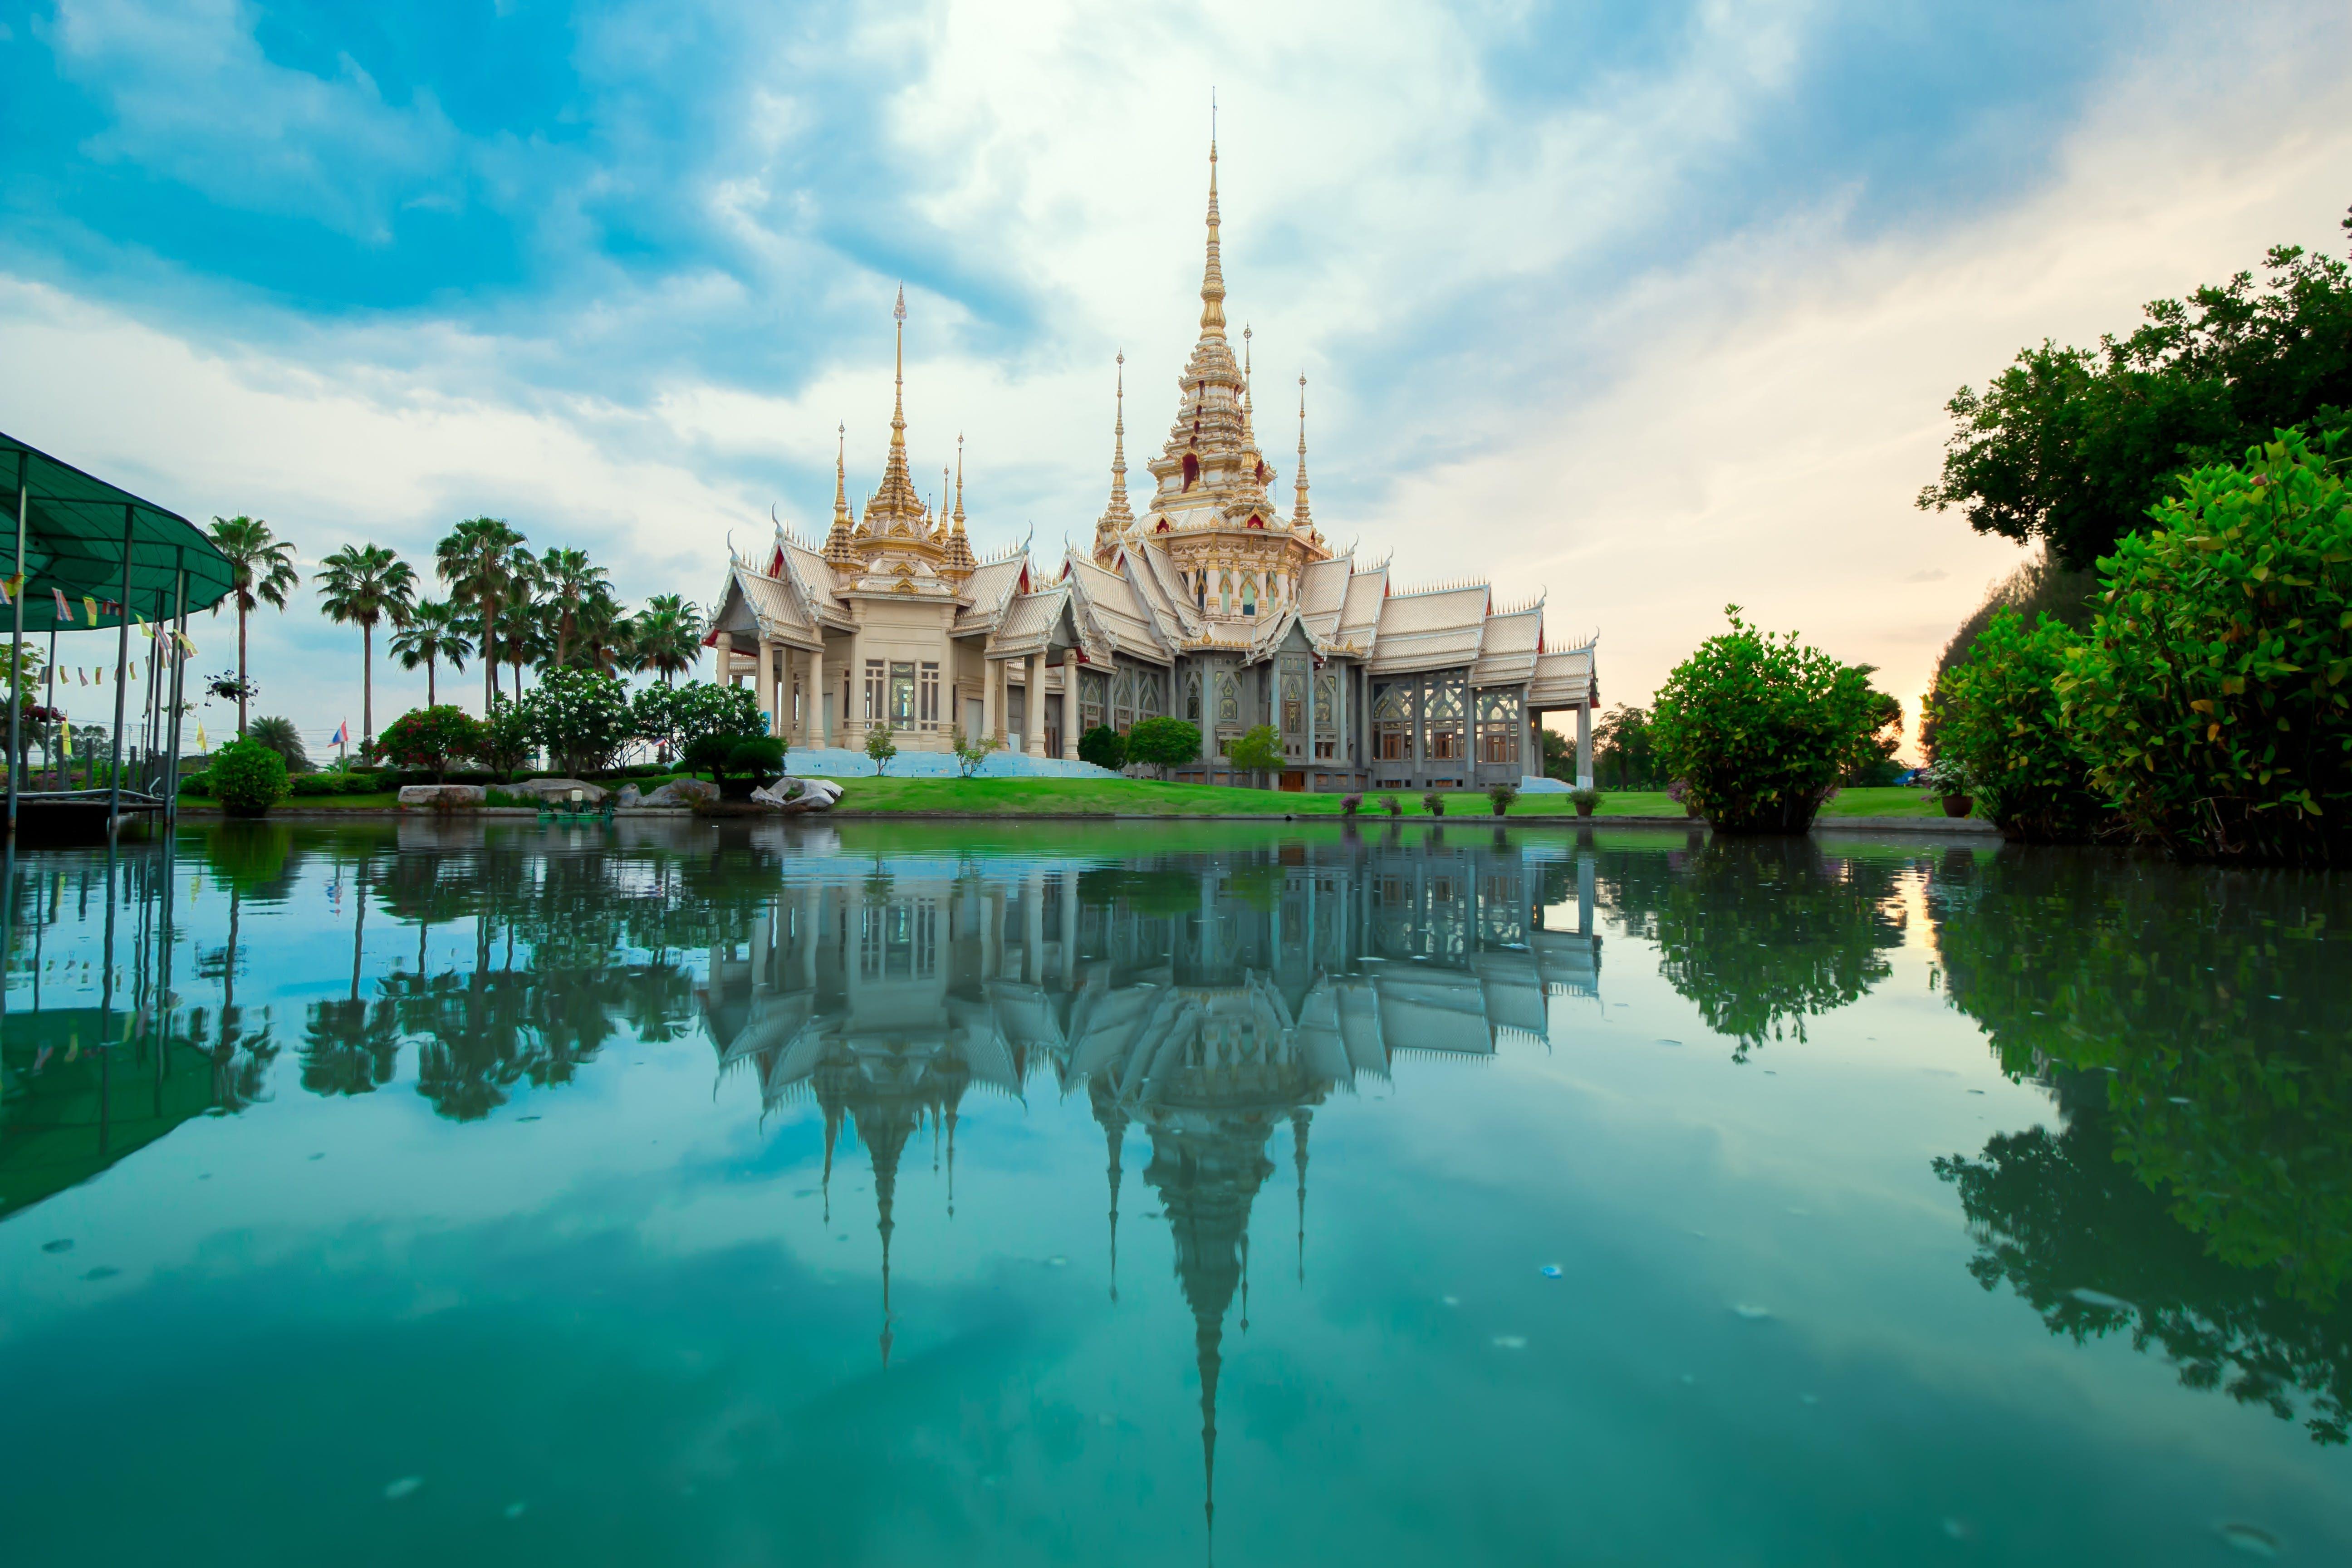 건축, 관광, 교회, 구름의 무료 스톡 사진